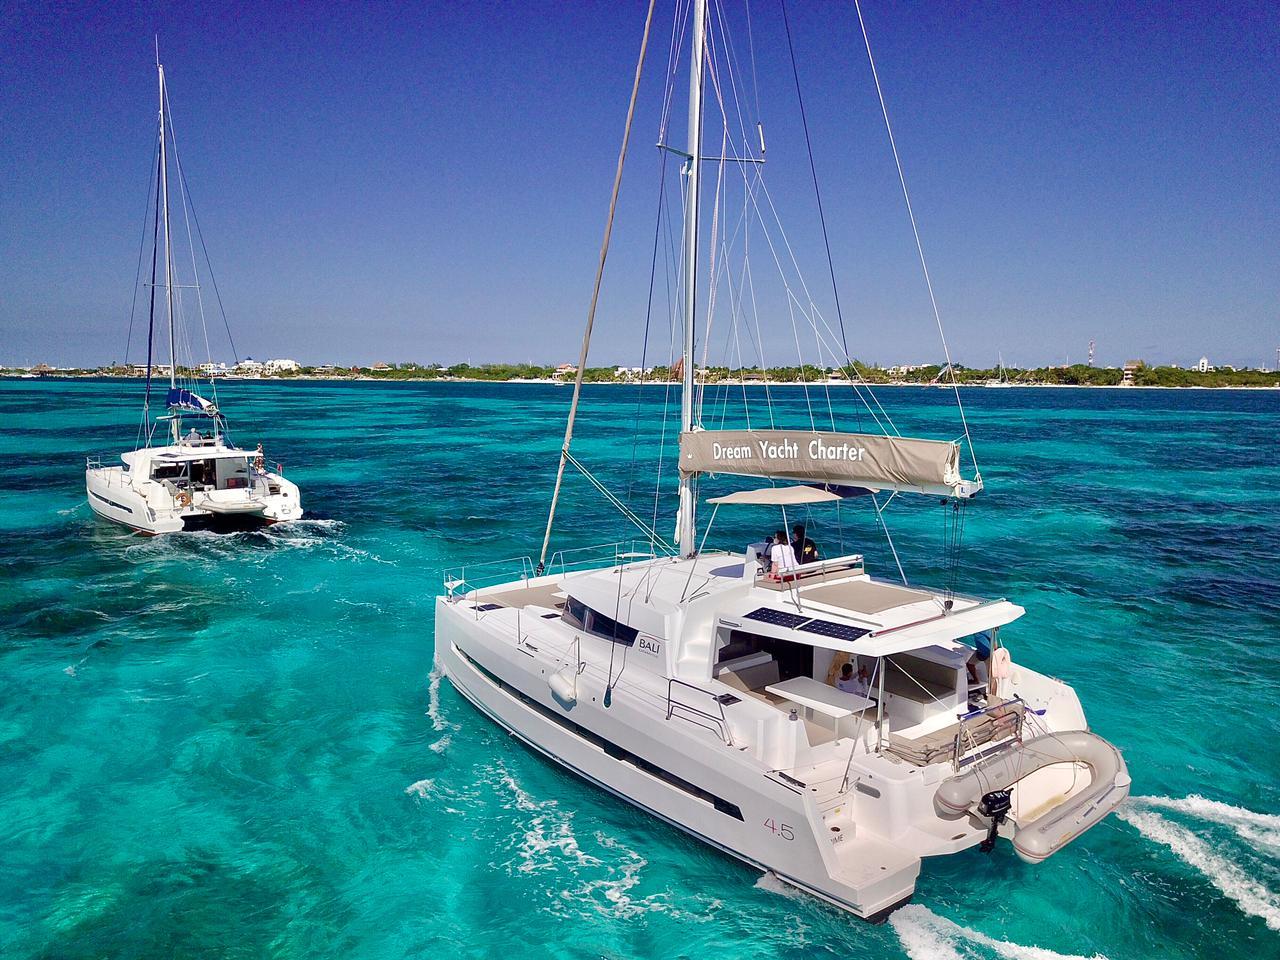 ©Dream Yacht Group